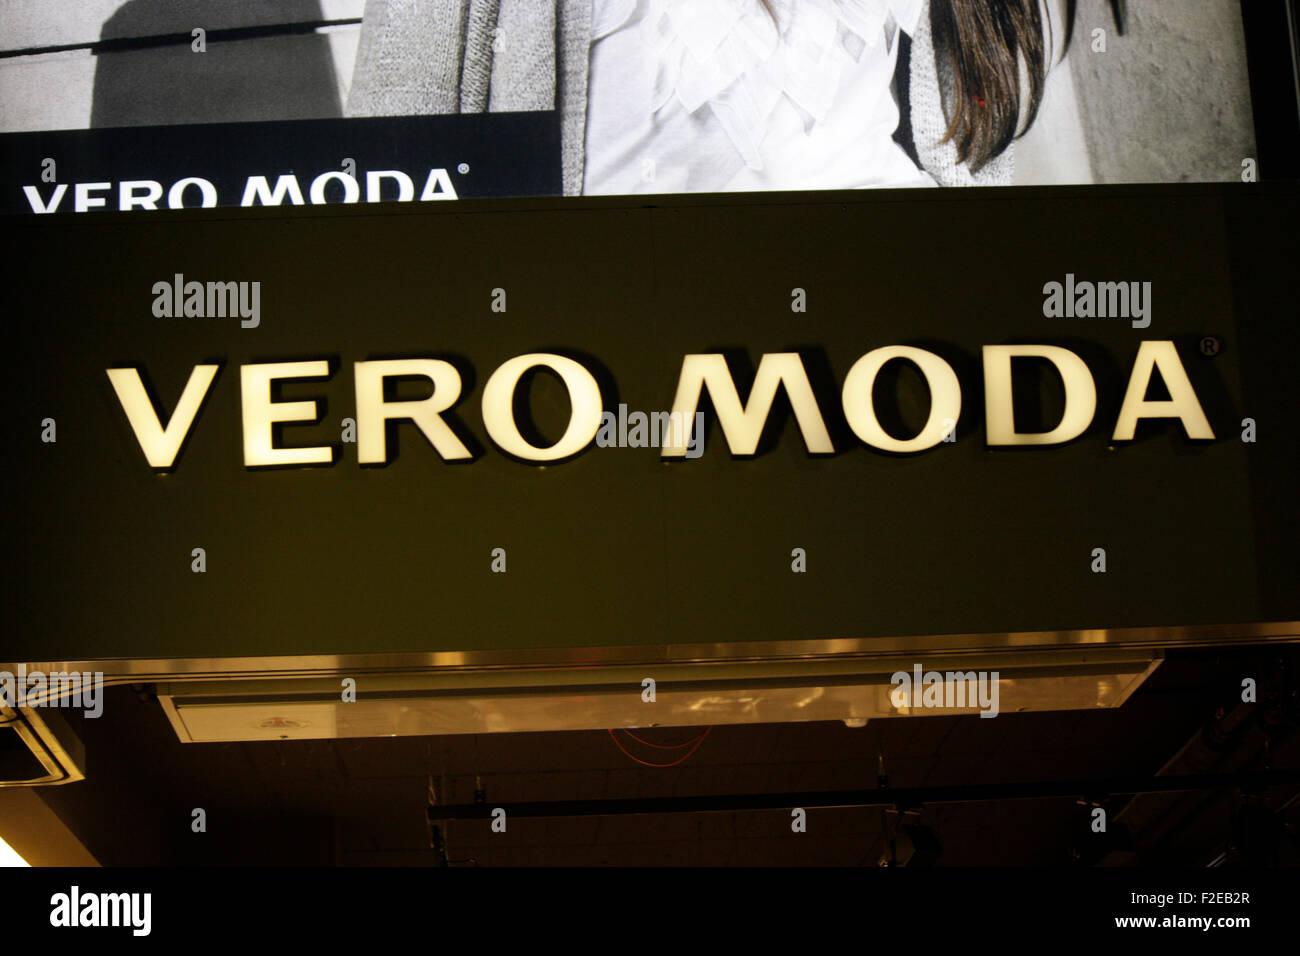 """Novembre 2013 - BERLINO: marchi: il logo del produttore di abbigliamento """"Vero"""" Moda, Berlino. Immagini Stock"""